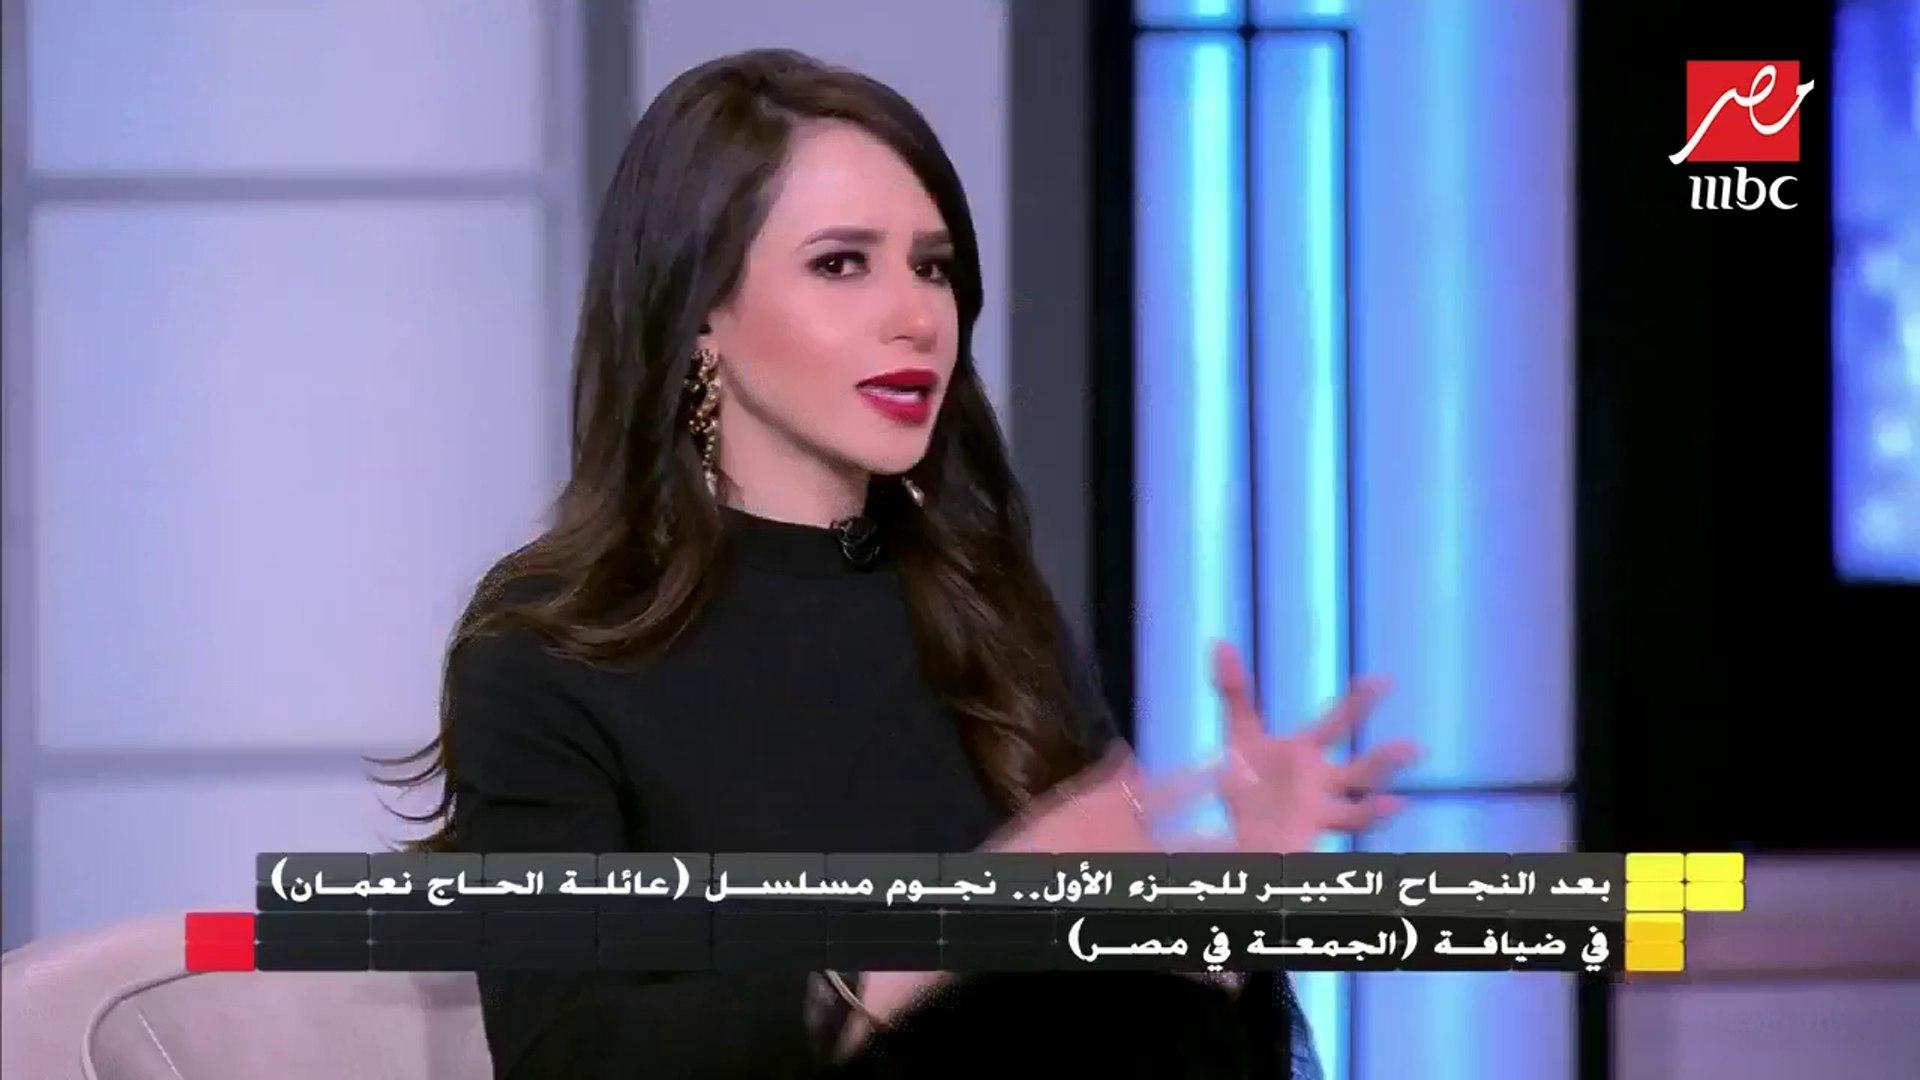 السيناريست مجدي صابر: تحية لأحمد شفيق وصادق الصباح لحسن الاختيار والنتيجة كانت مباراة تمثيلية